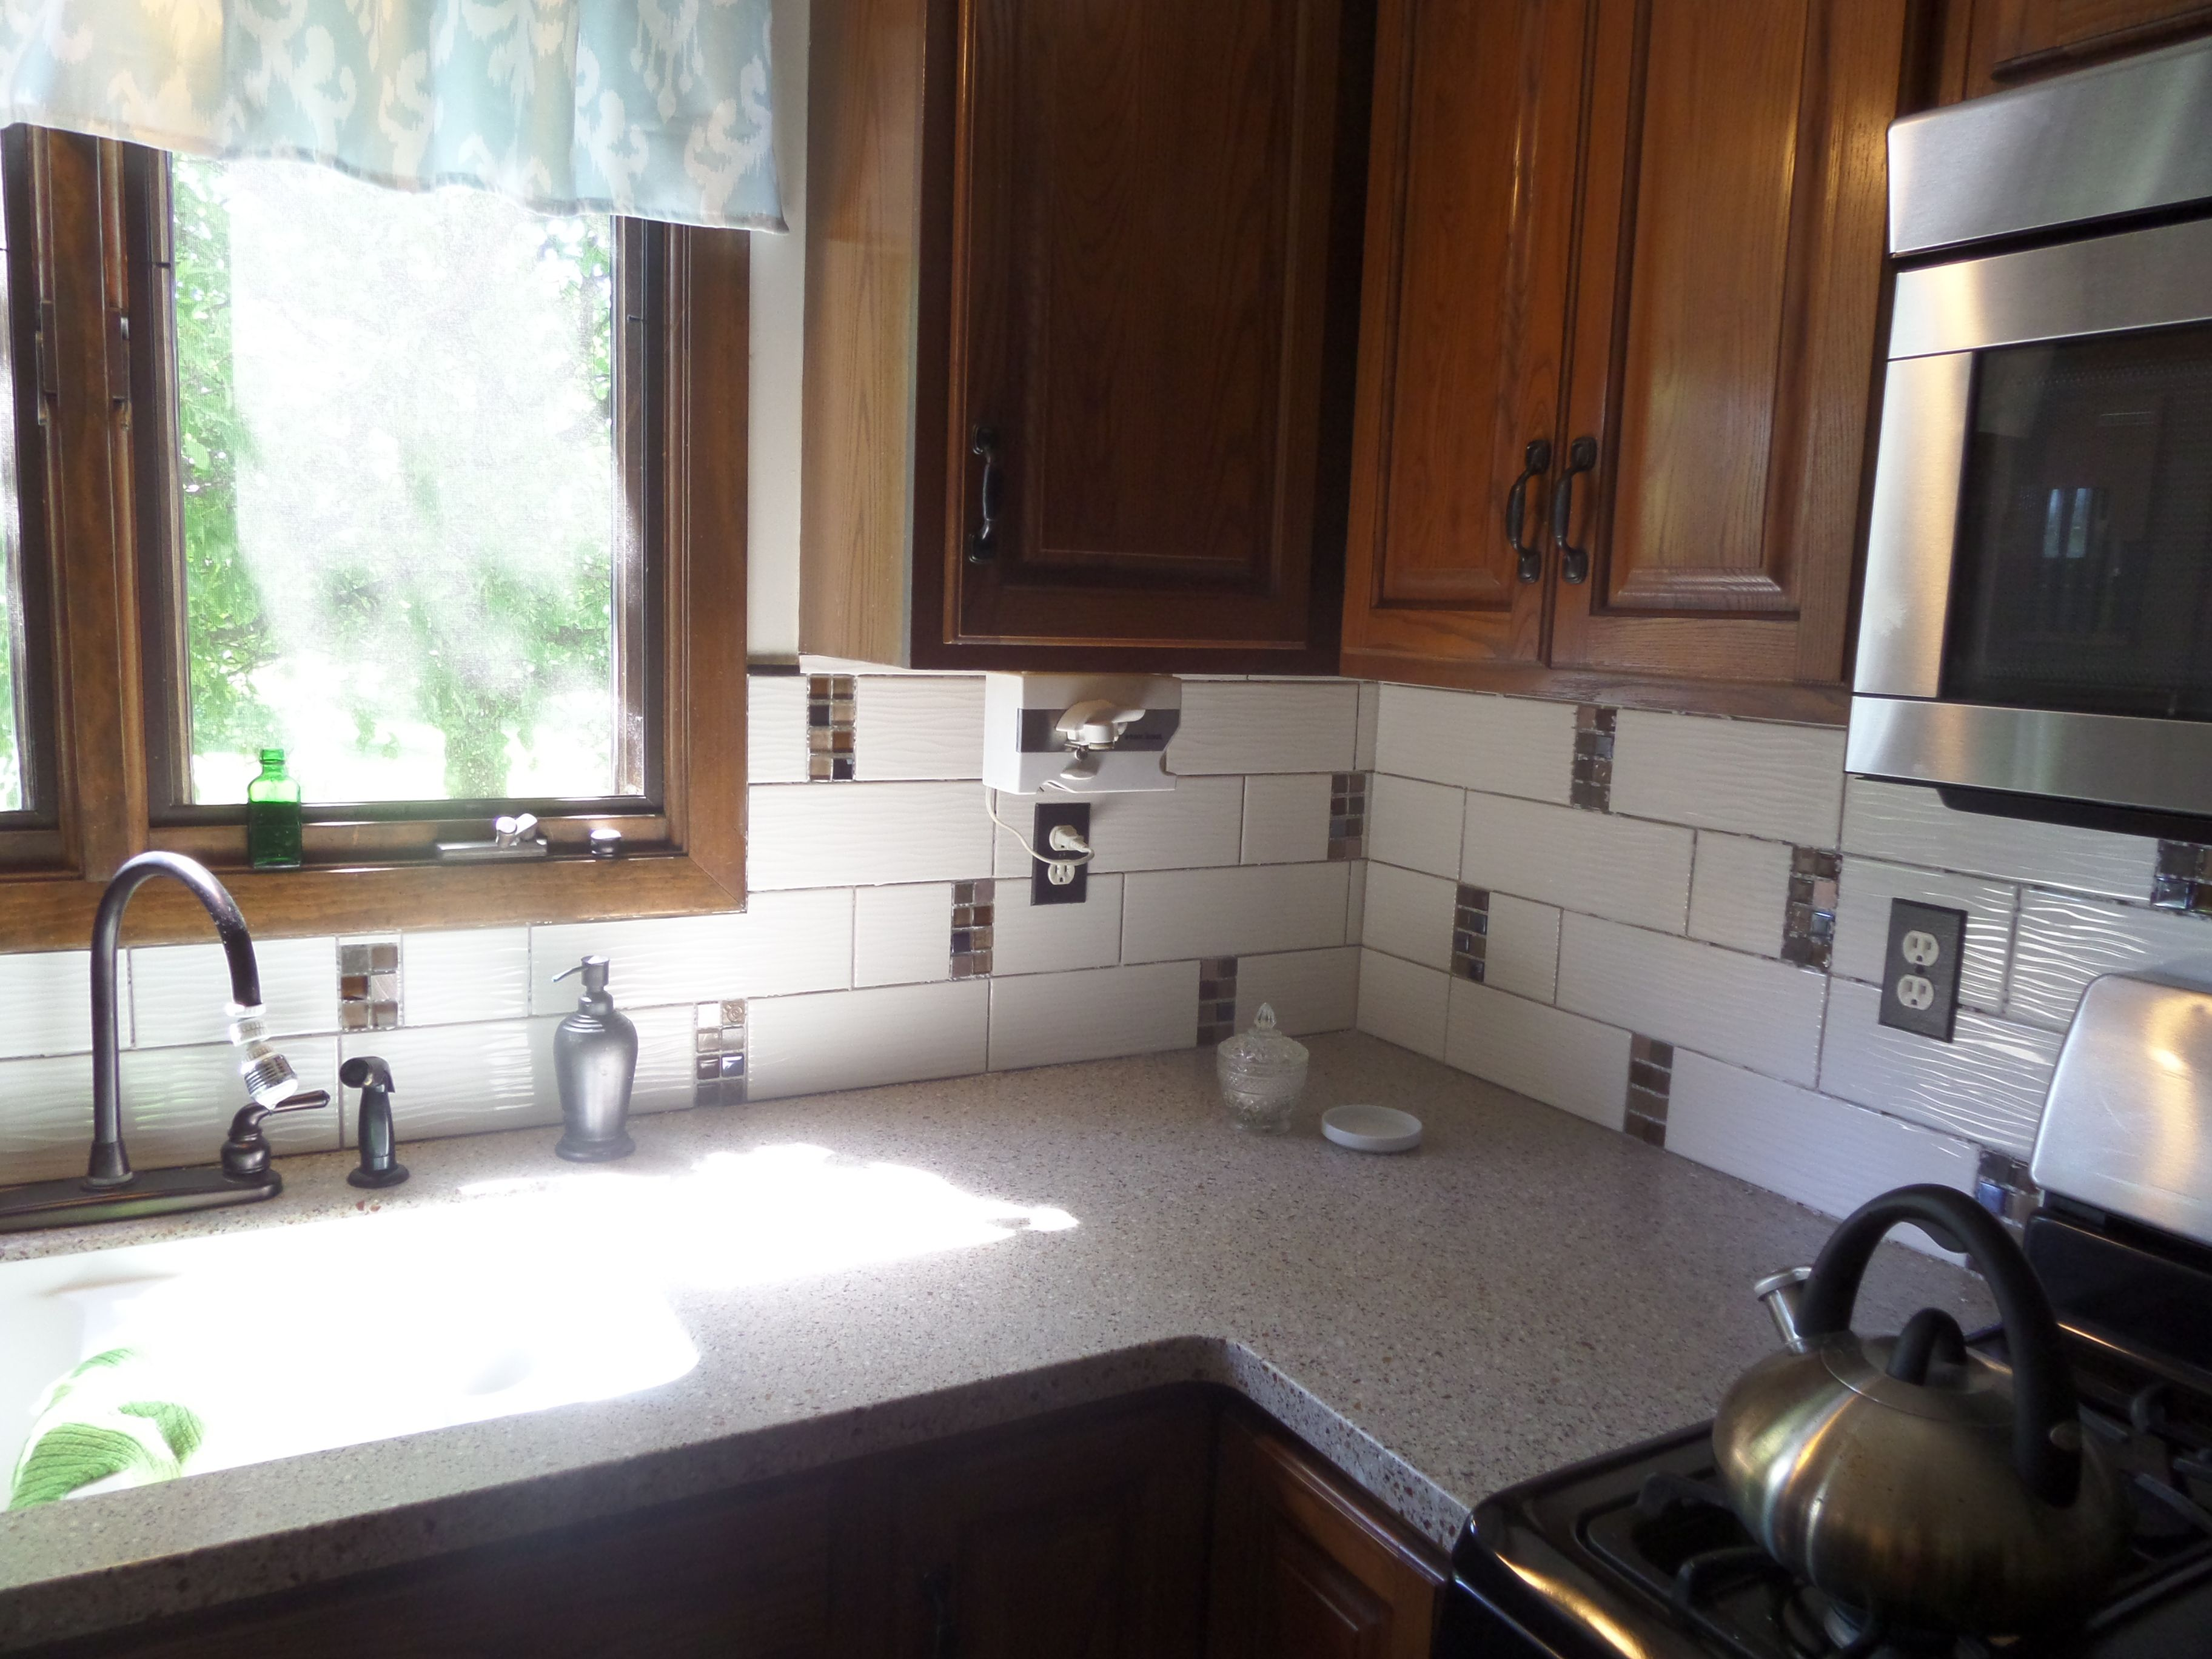 Quartz counter LG Sugarloaf large wavy subway tiles and mosaic